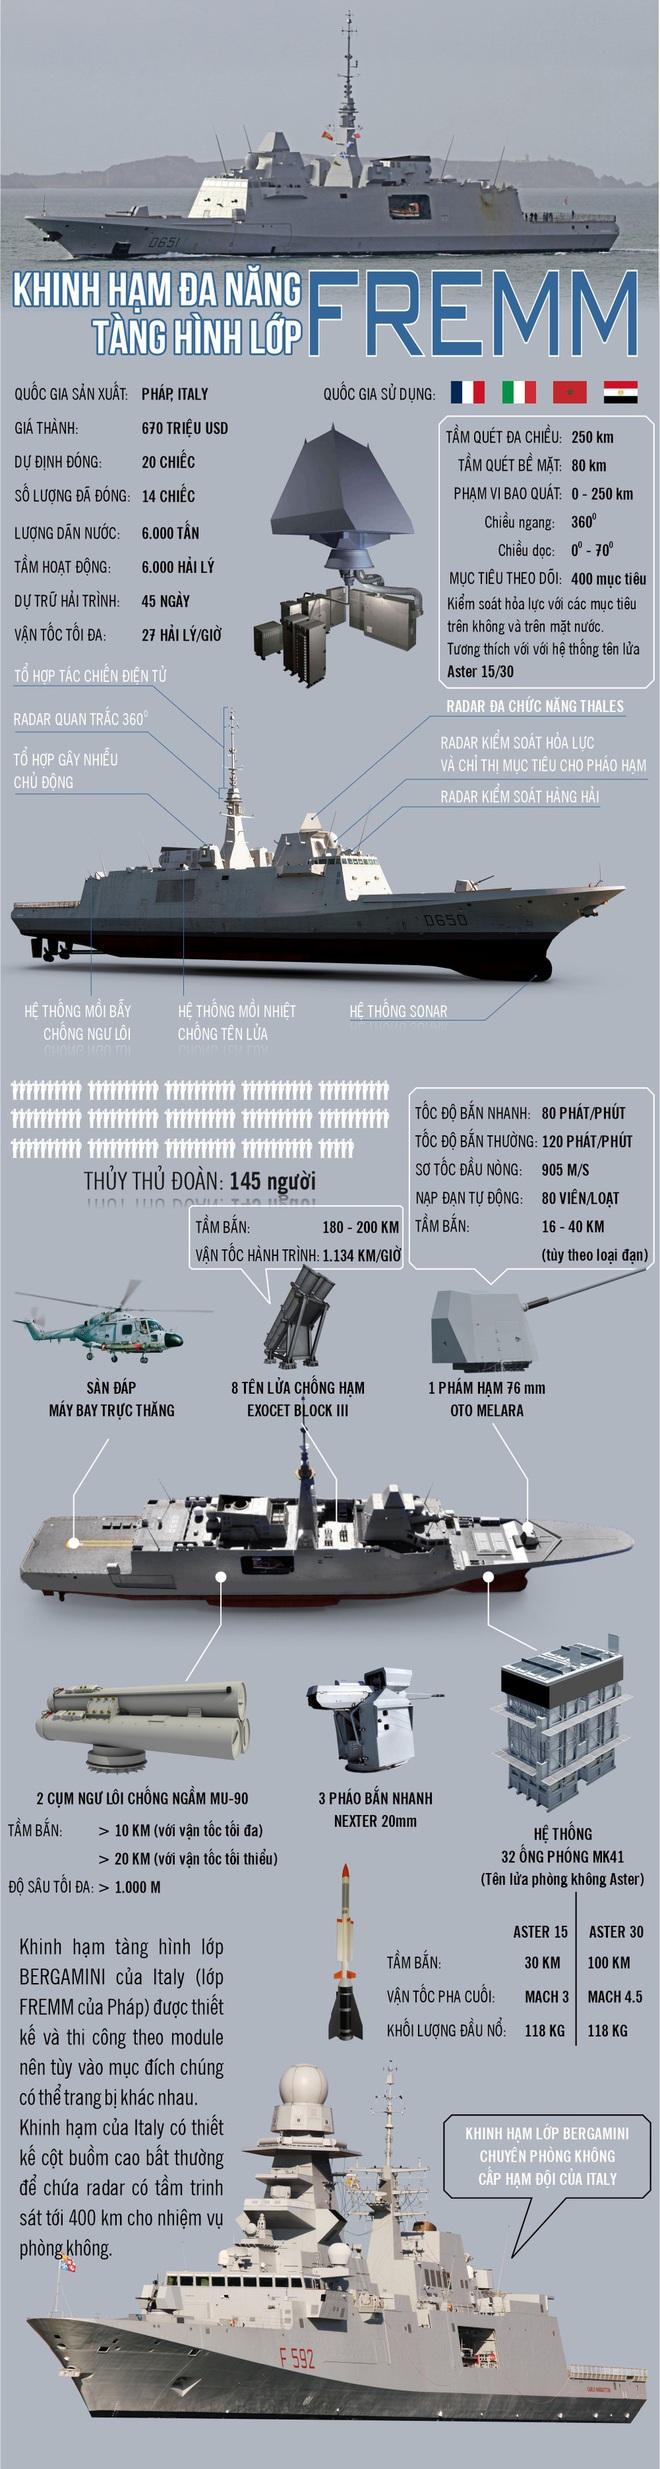 Infographic: Khinh hạm đa năng tàng hình lớp FREMM đến Mỹ cũng muốn có - Ảnh 1.